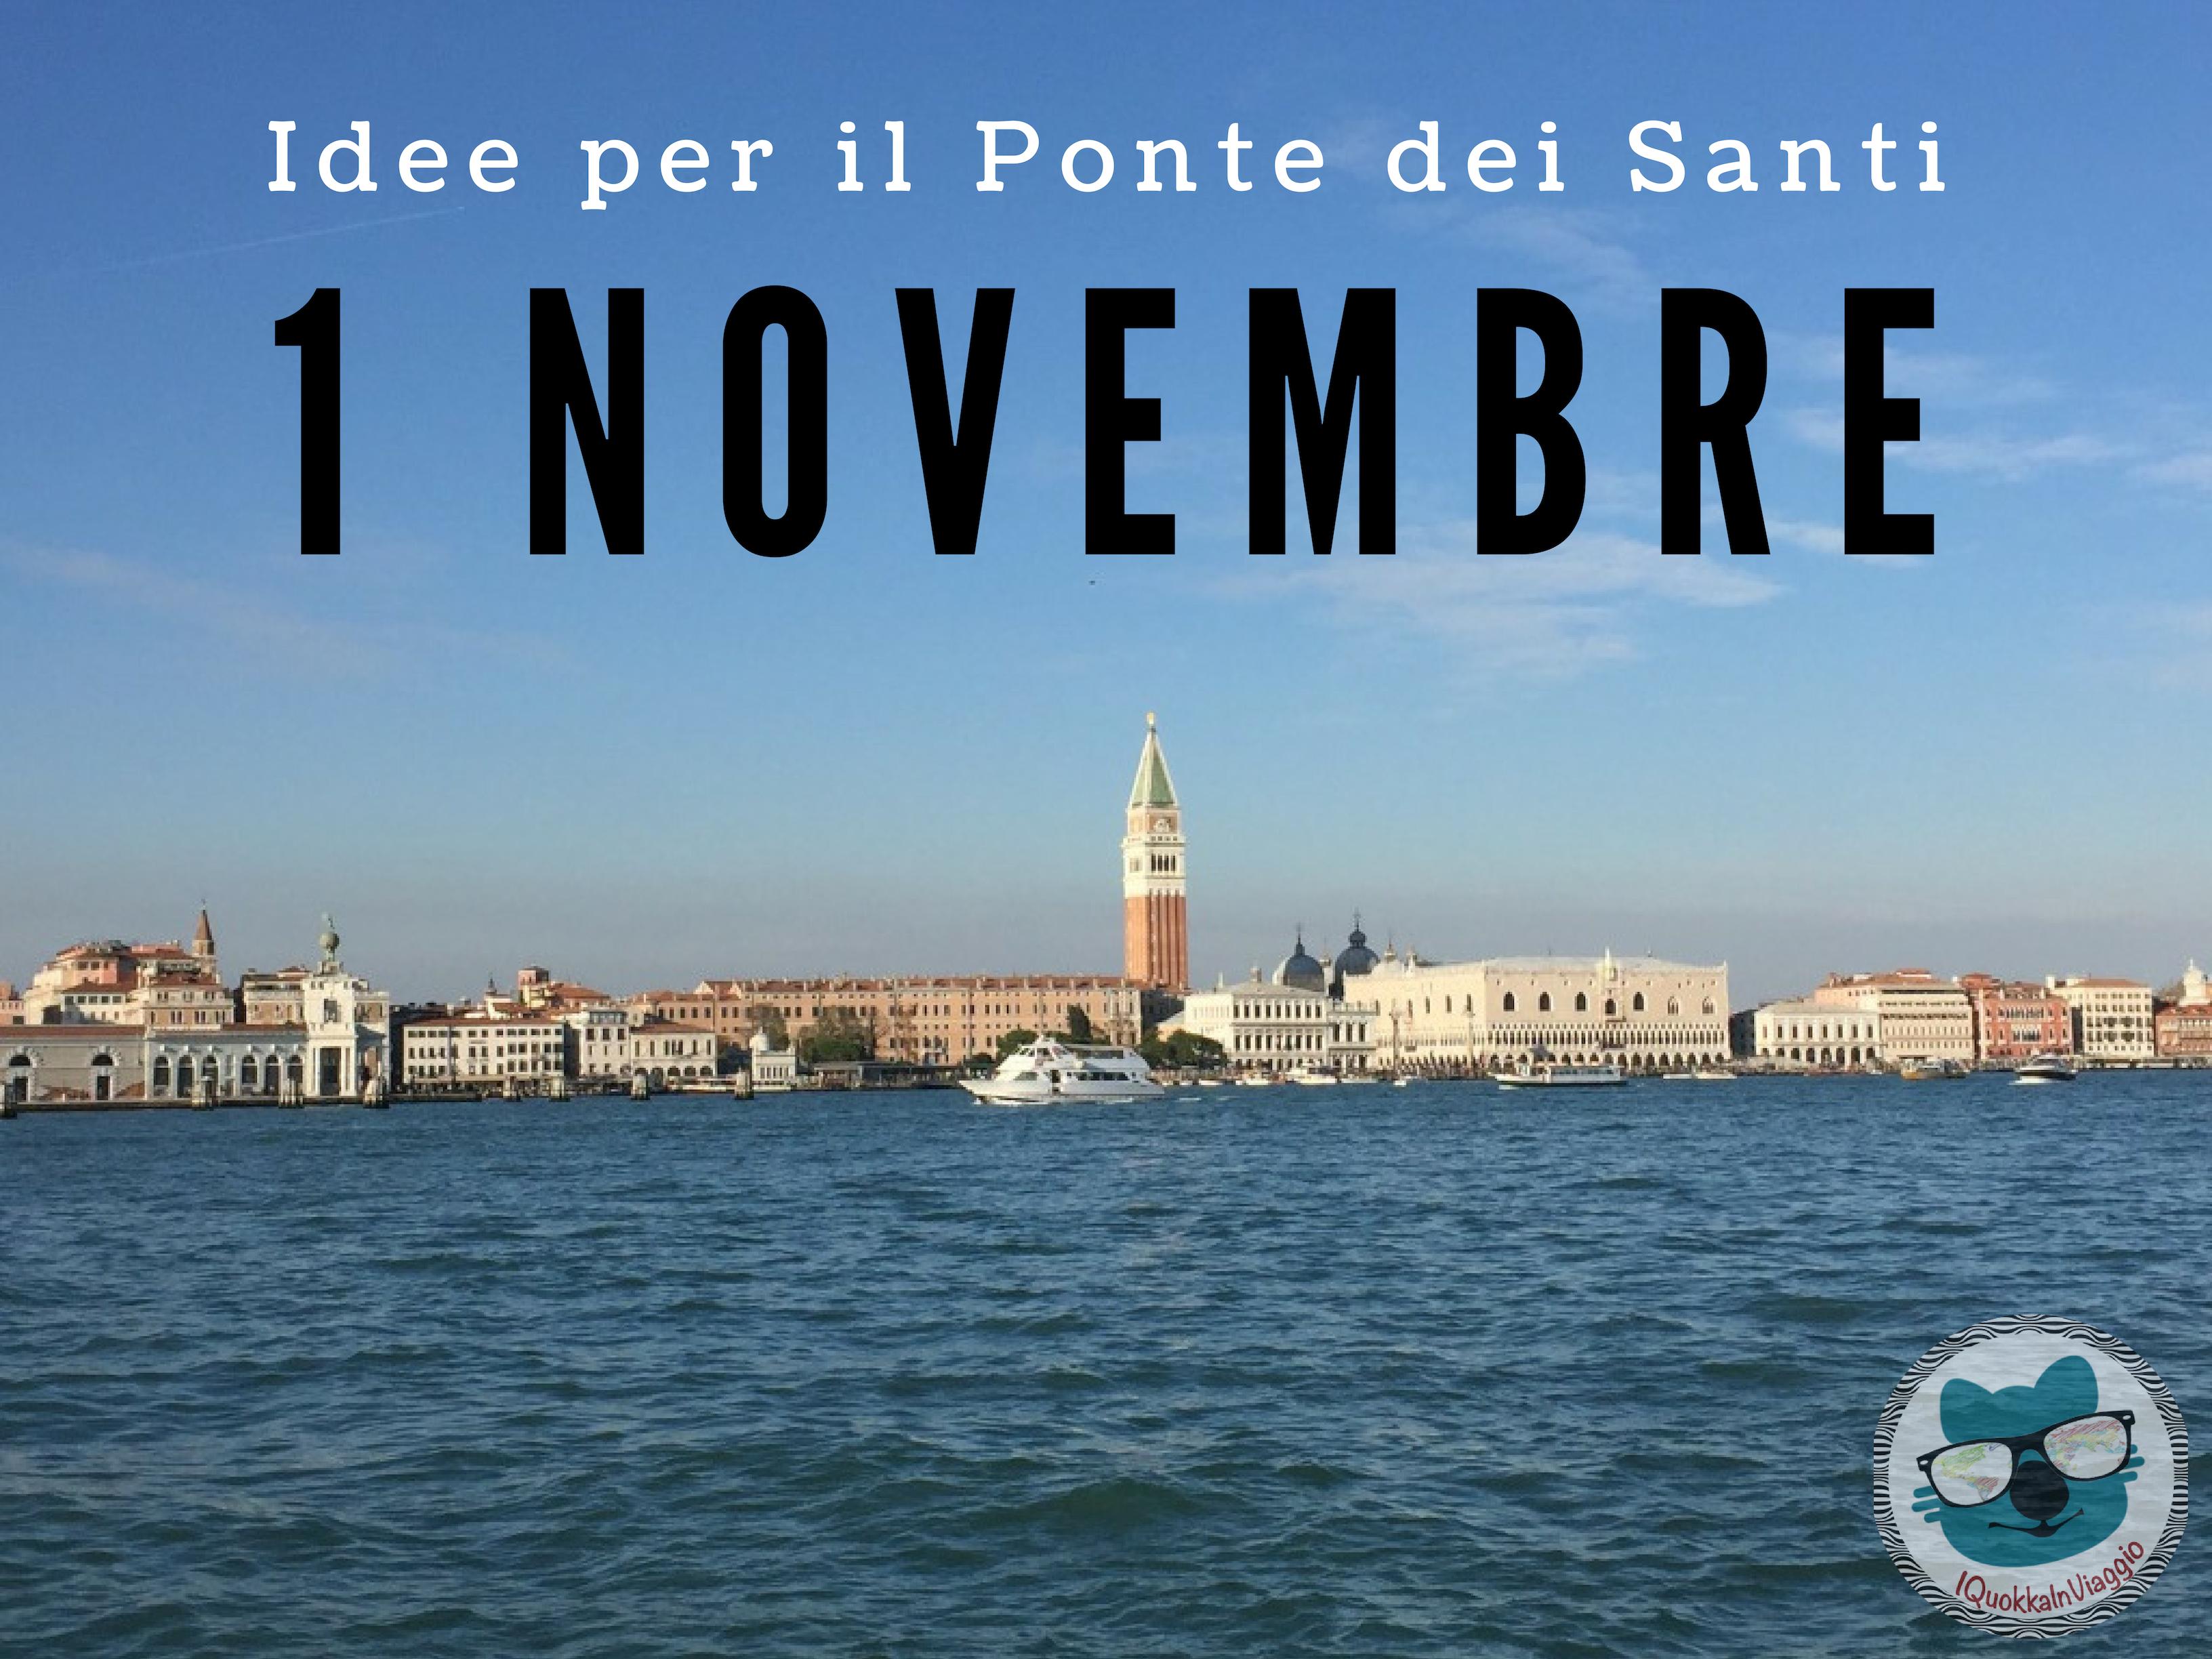 1 Novembre - Idee per il Ponte dei Santi